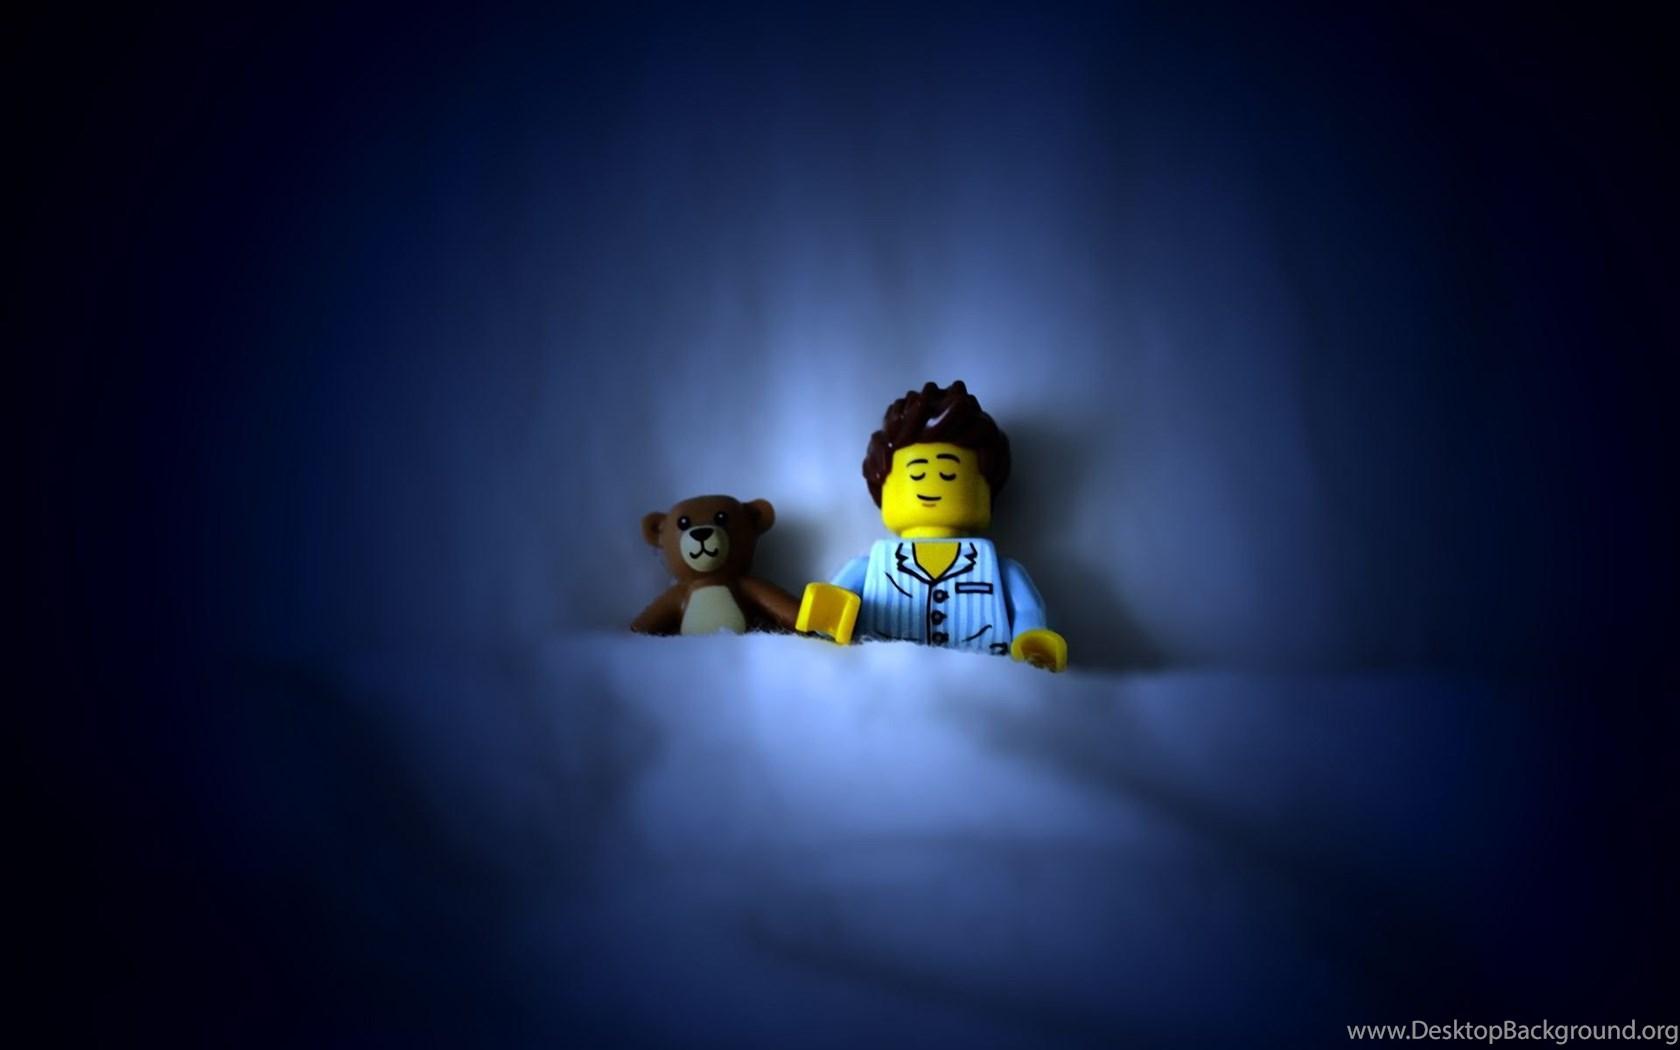 top cool lego wallpaper images for pinterest desktop background